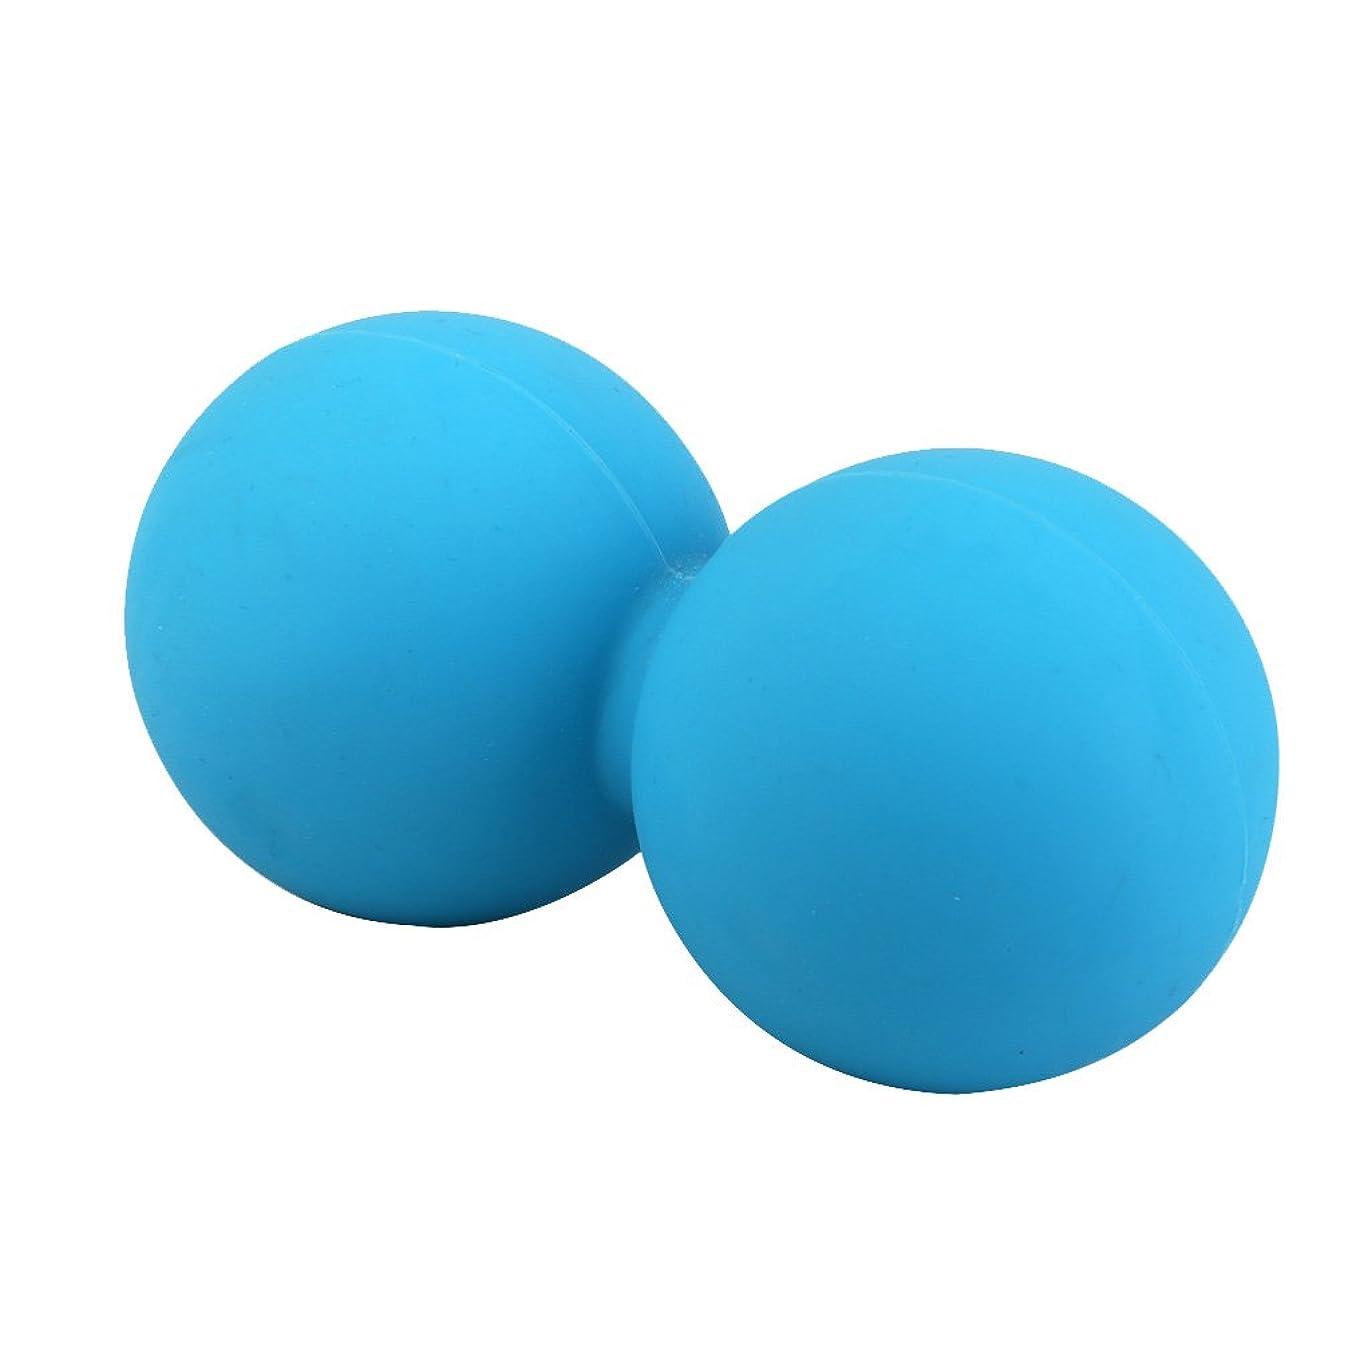 逆さまに報復可塑性Footful マッサージボール 健康グッズ 健康器具 血液循環促進 緊張緩和 ブルー 固体